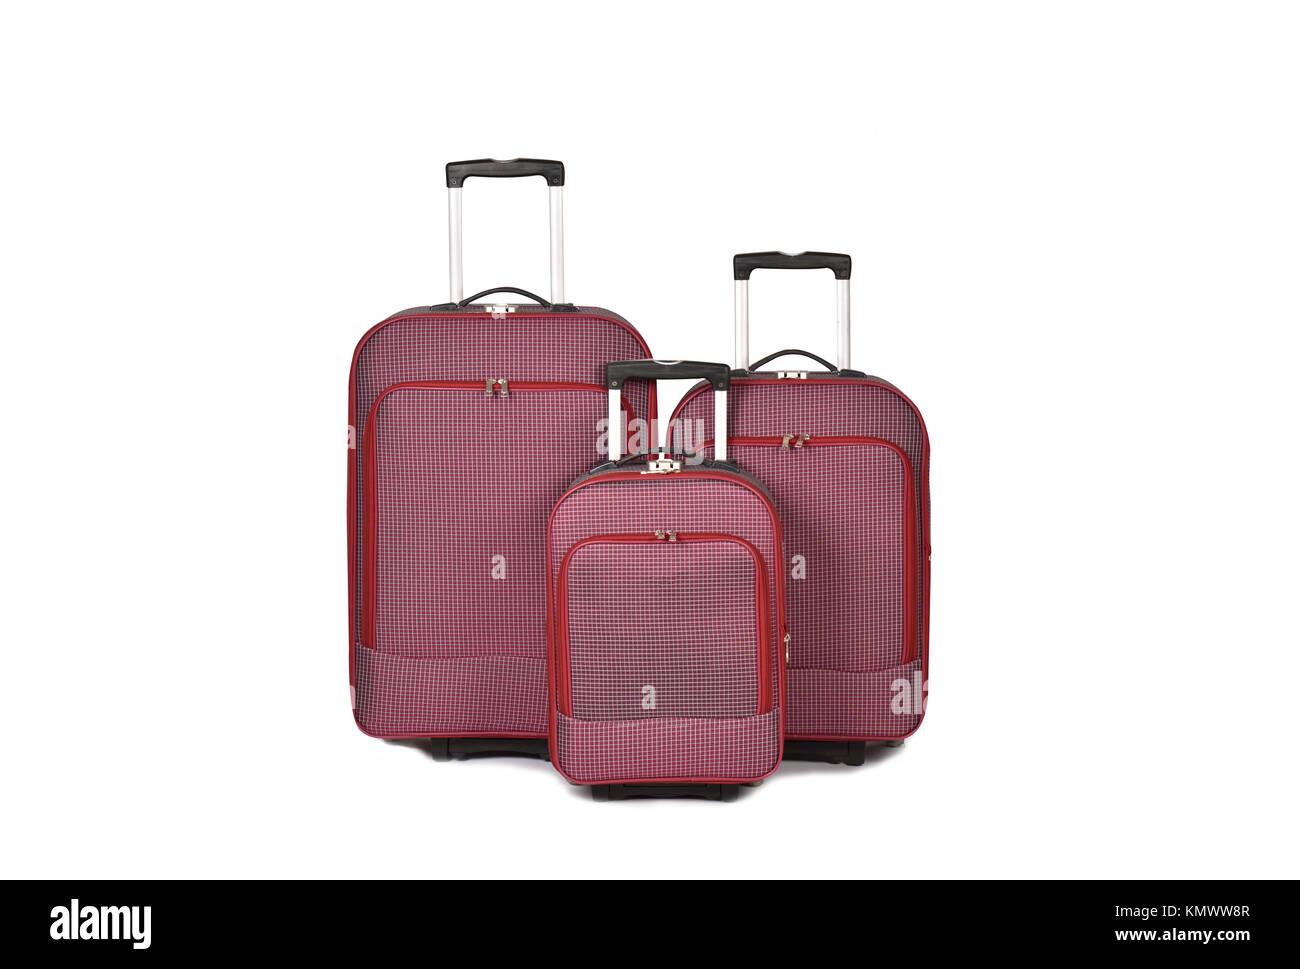 Travel suitcase isolated on white background. - Stock Image